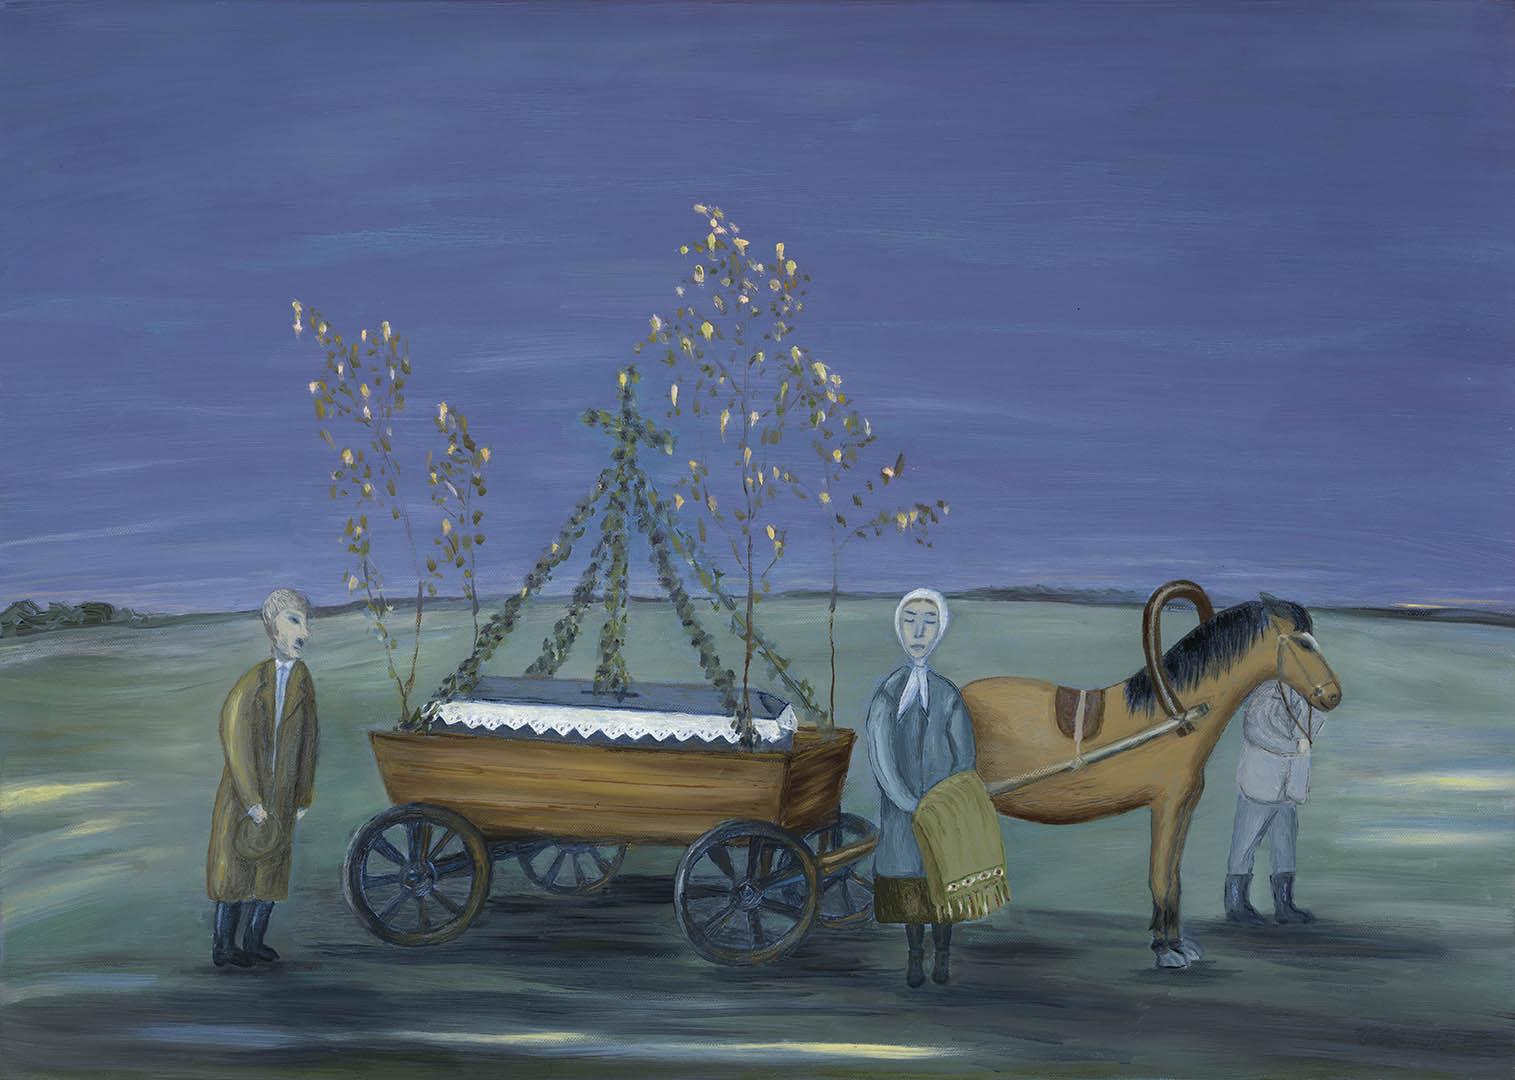 """Laimutė Vološkevičienė. """"Atsisveikinimas"""", 2020 m. Drobė, aliejus; 50 x 70 cm (Rėmėjų premija)"""